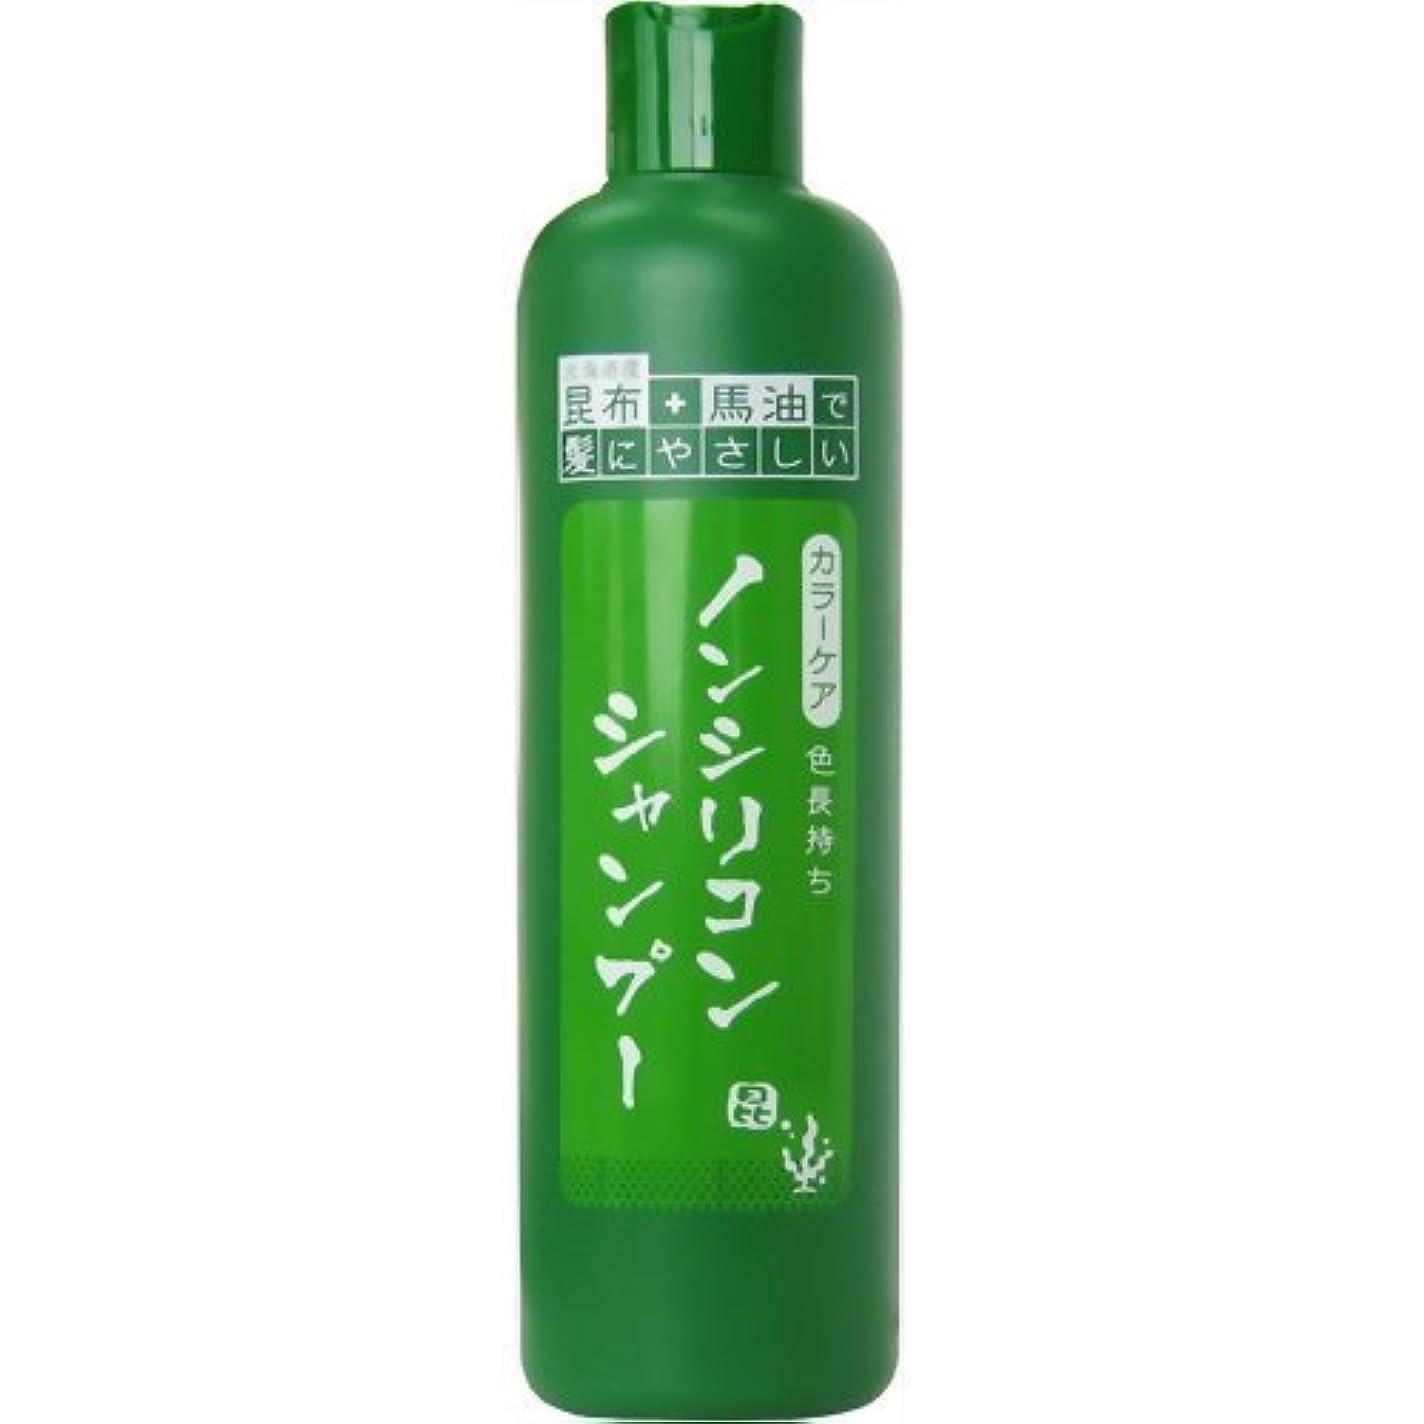 香水まっすぐ具体的に昆布と馬油のノンシリコンシャンプー 300ml